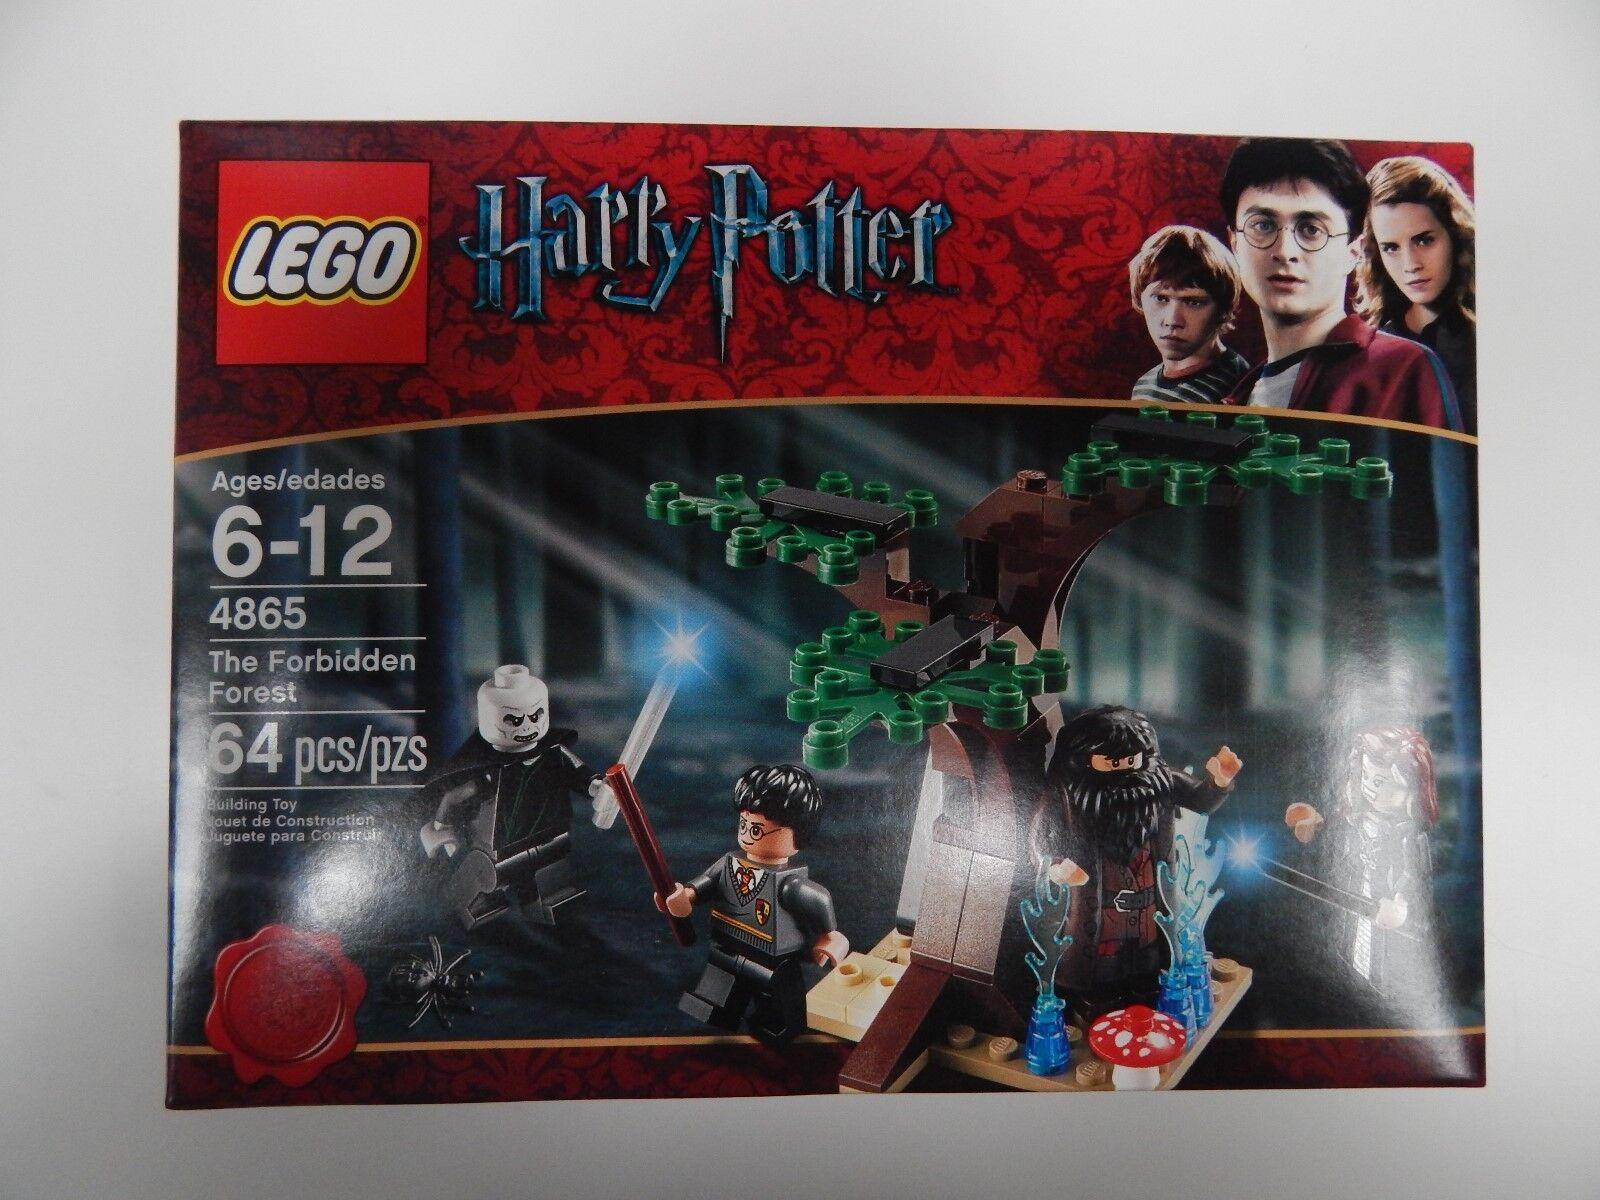 promozioni di sconto Lego HARRY POTTER 4865 THE FORBIDDEN FOREST Bre nuovo & & & Sealed  VERY RARE  connotazione di lusso low-key